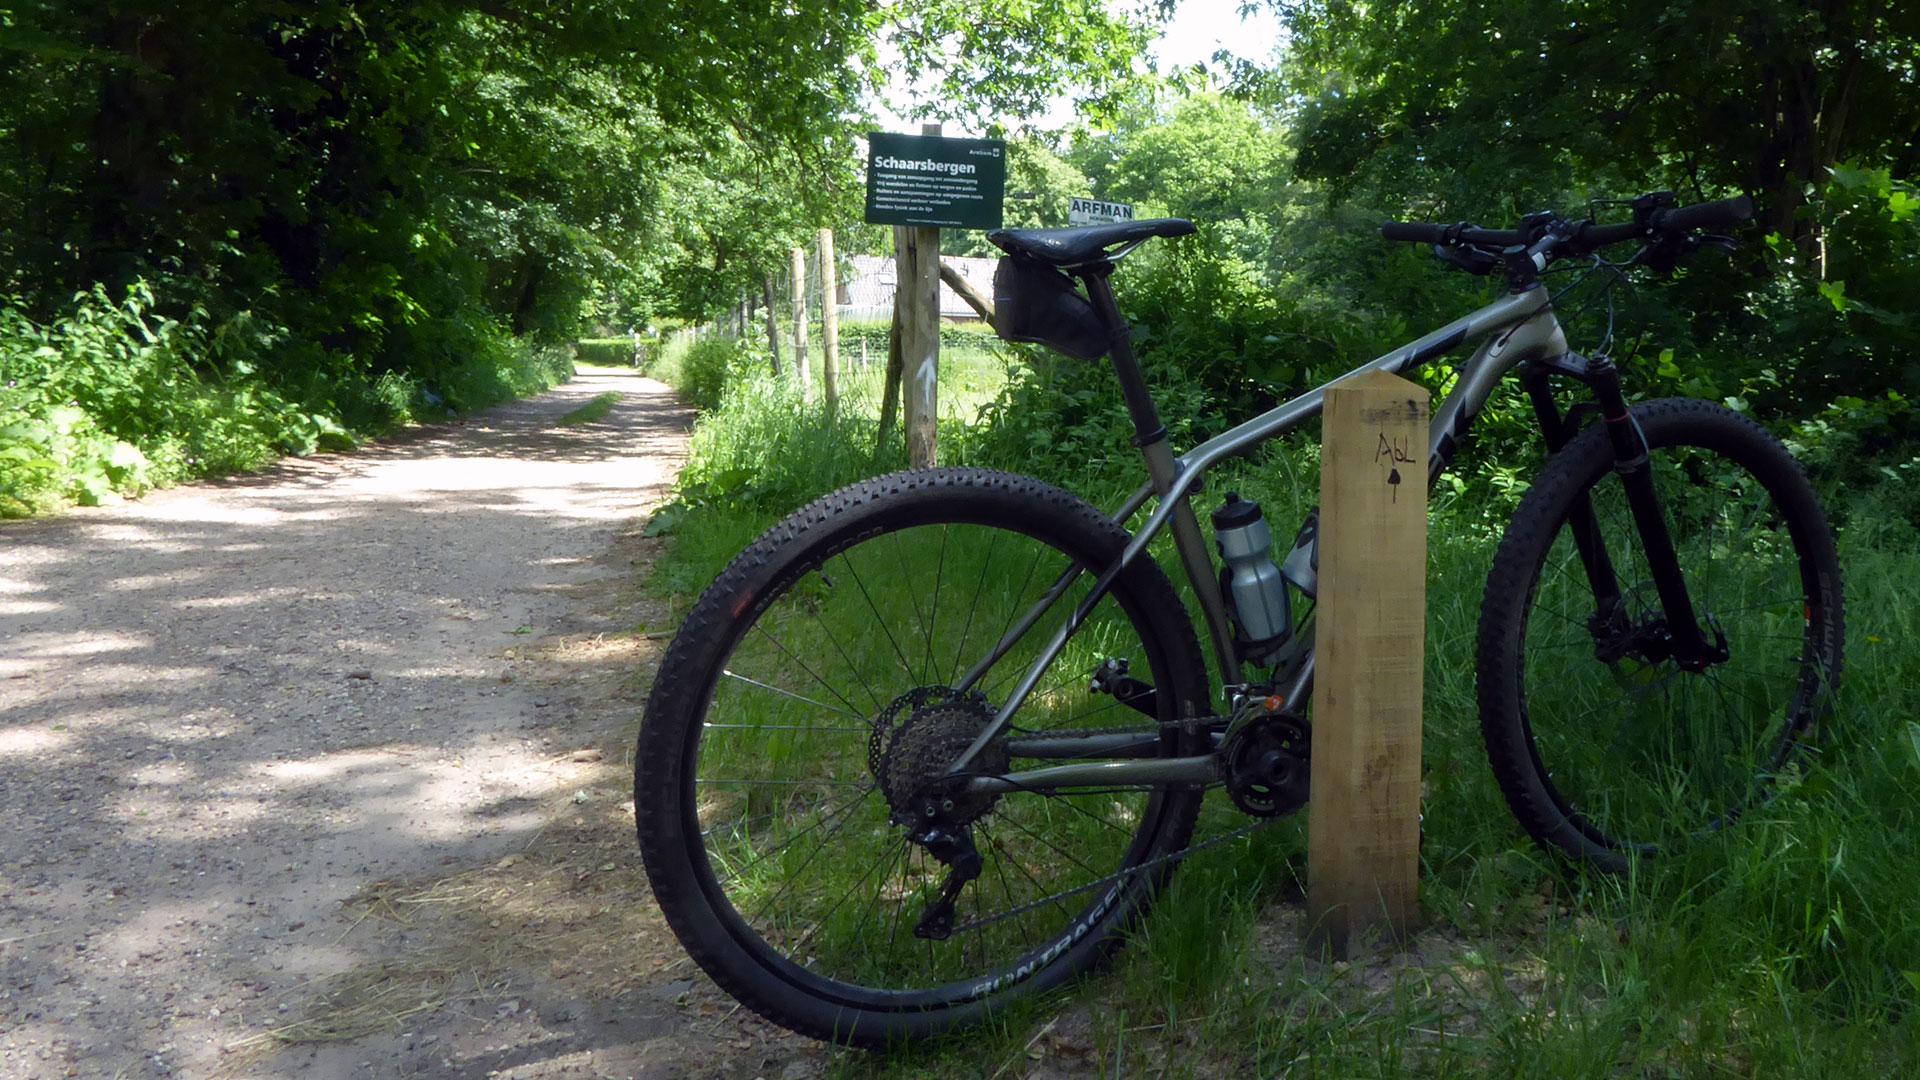 Mountainbikeroute Schaarsbergen: routenetwerk Zuid-Veluwe blijft groeien